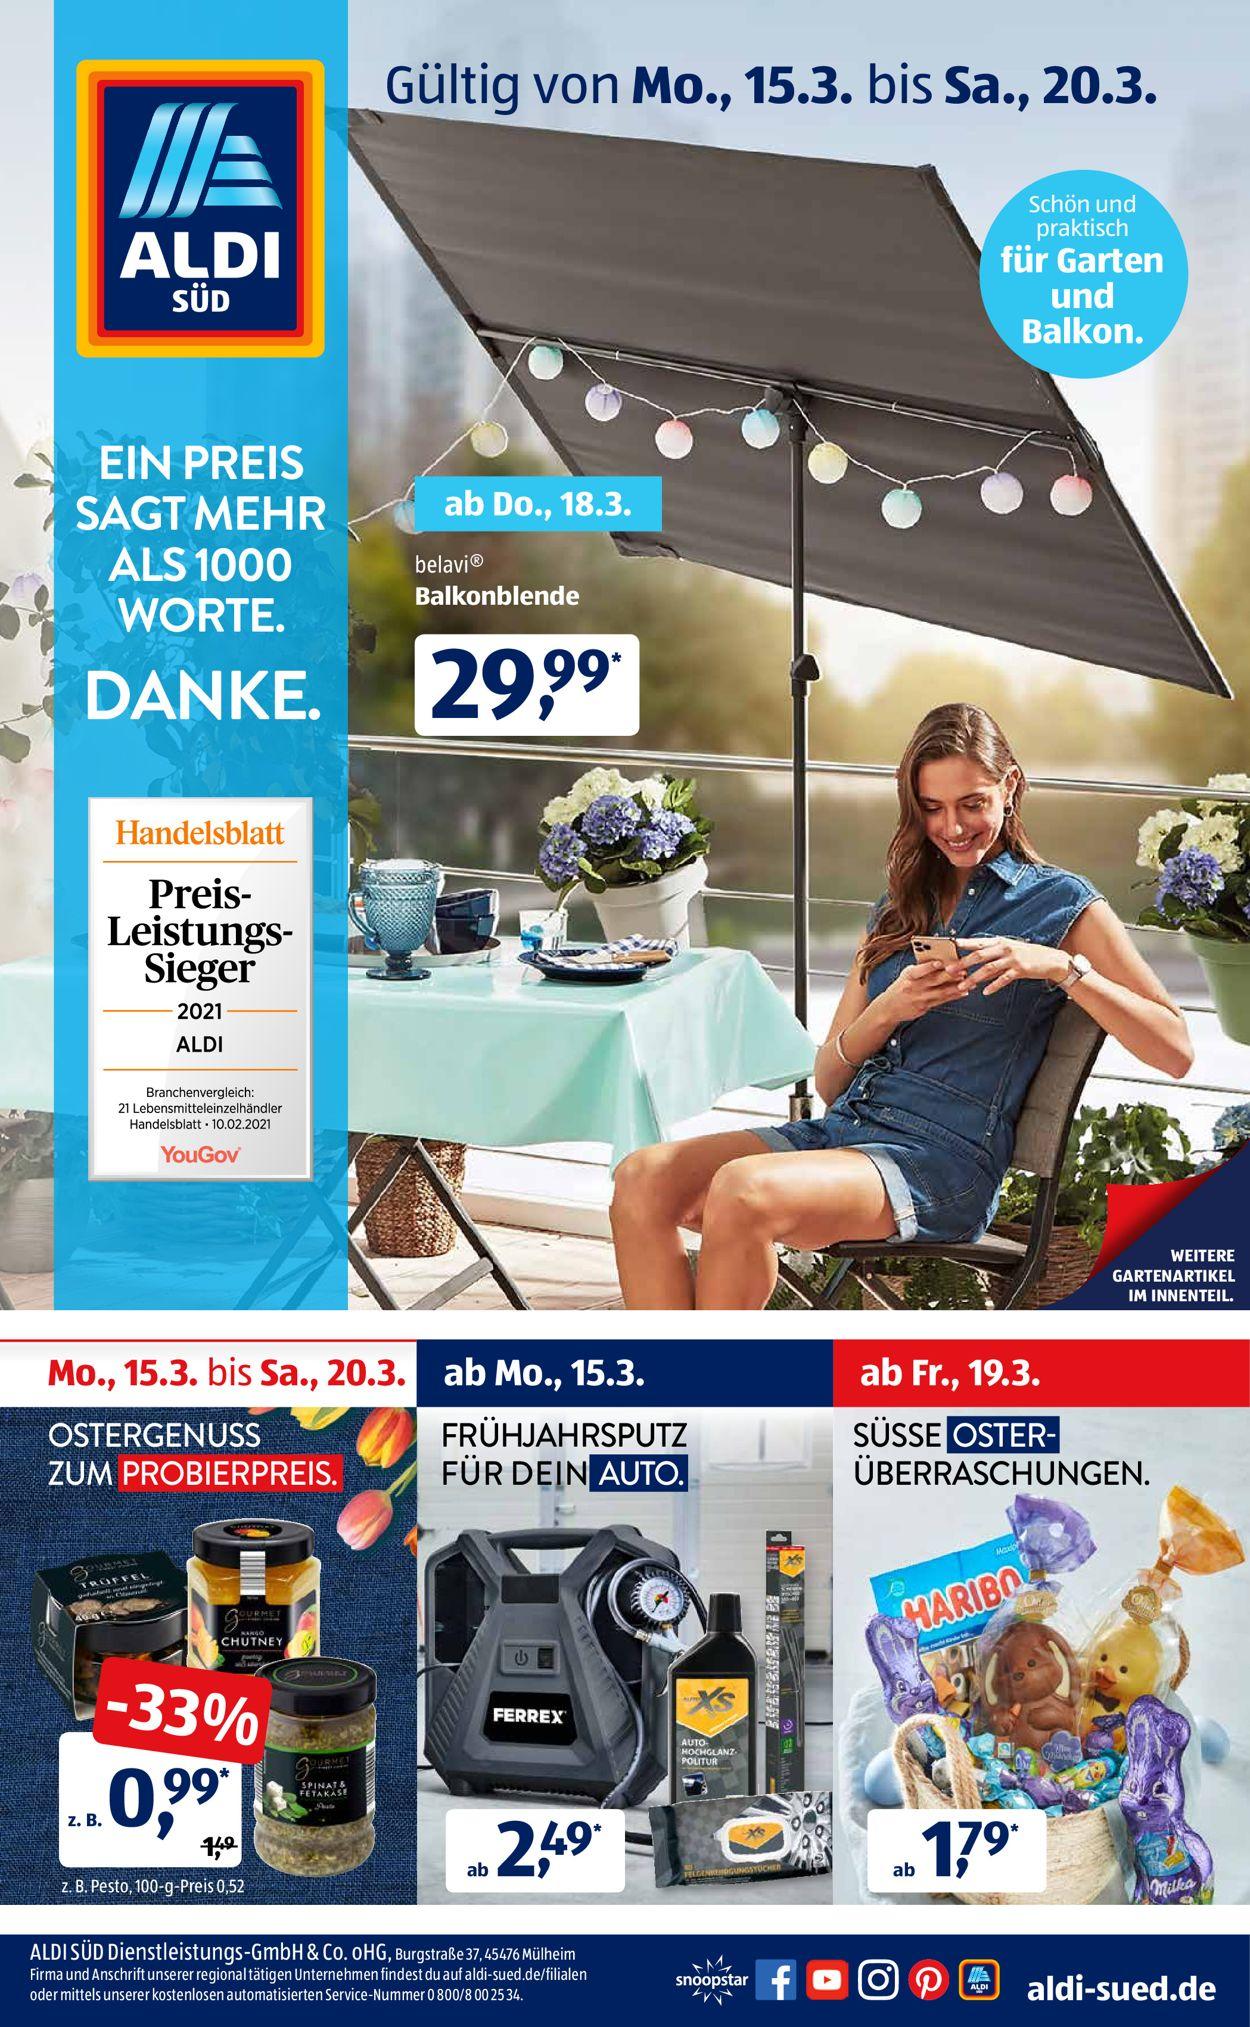 Aldi Süd Angebote Küchenmaschine 2021